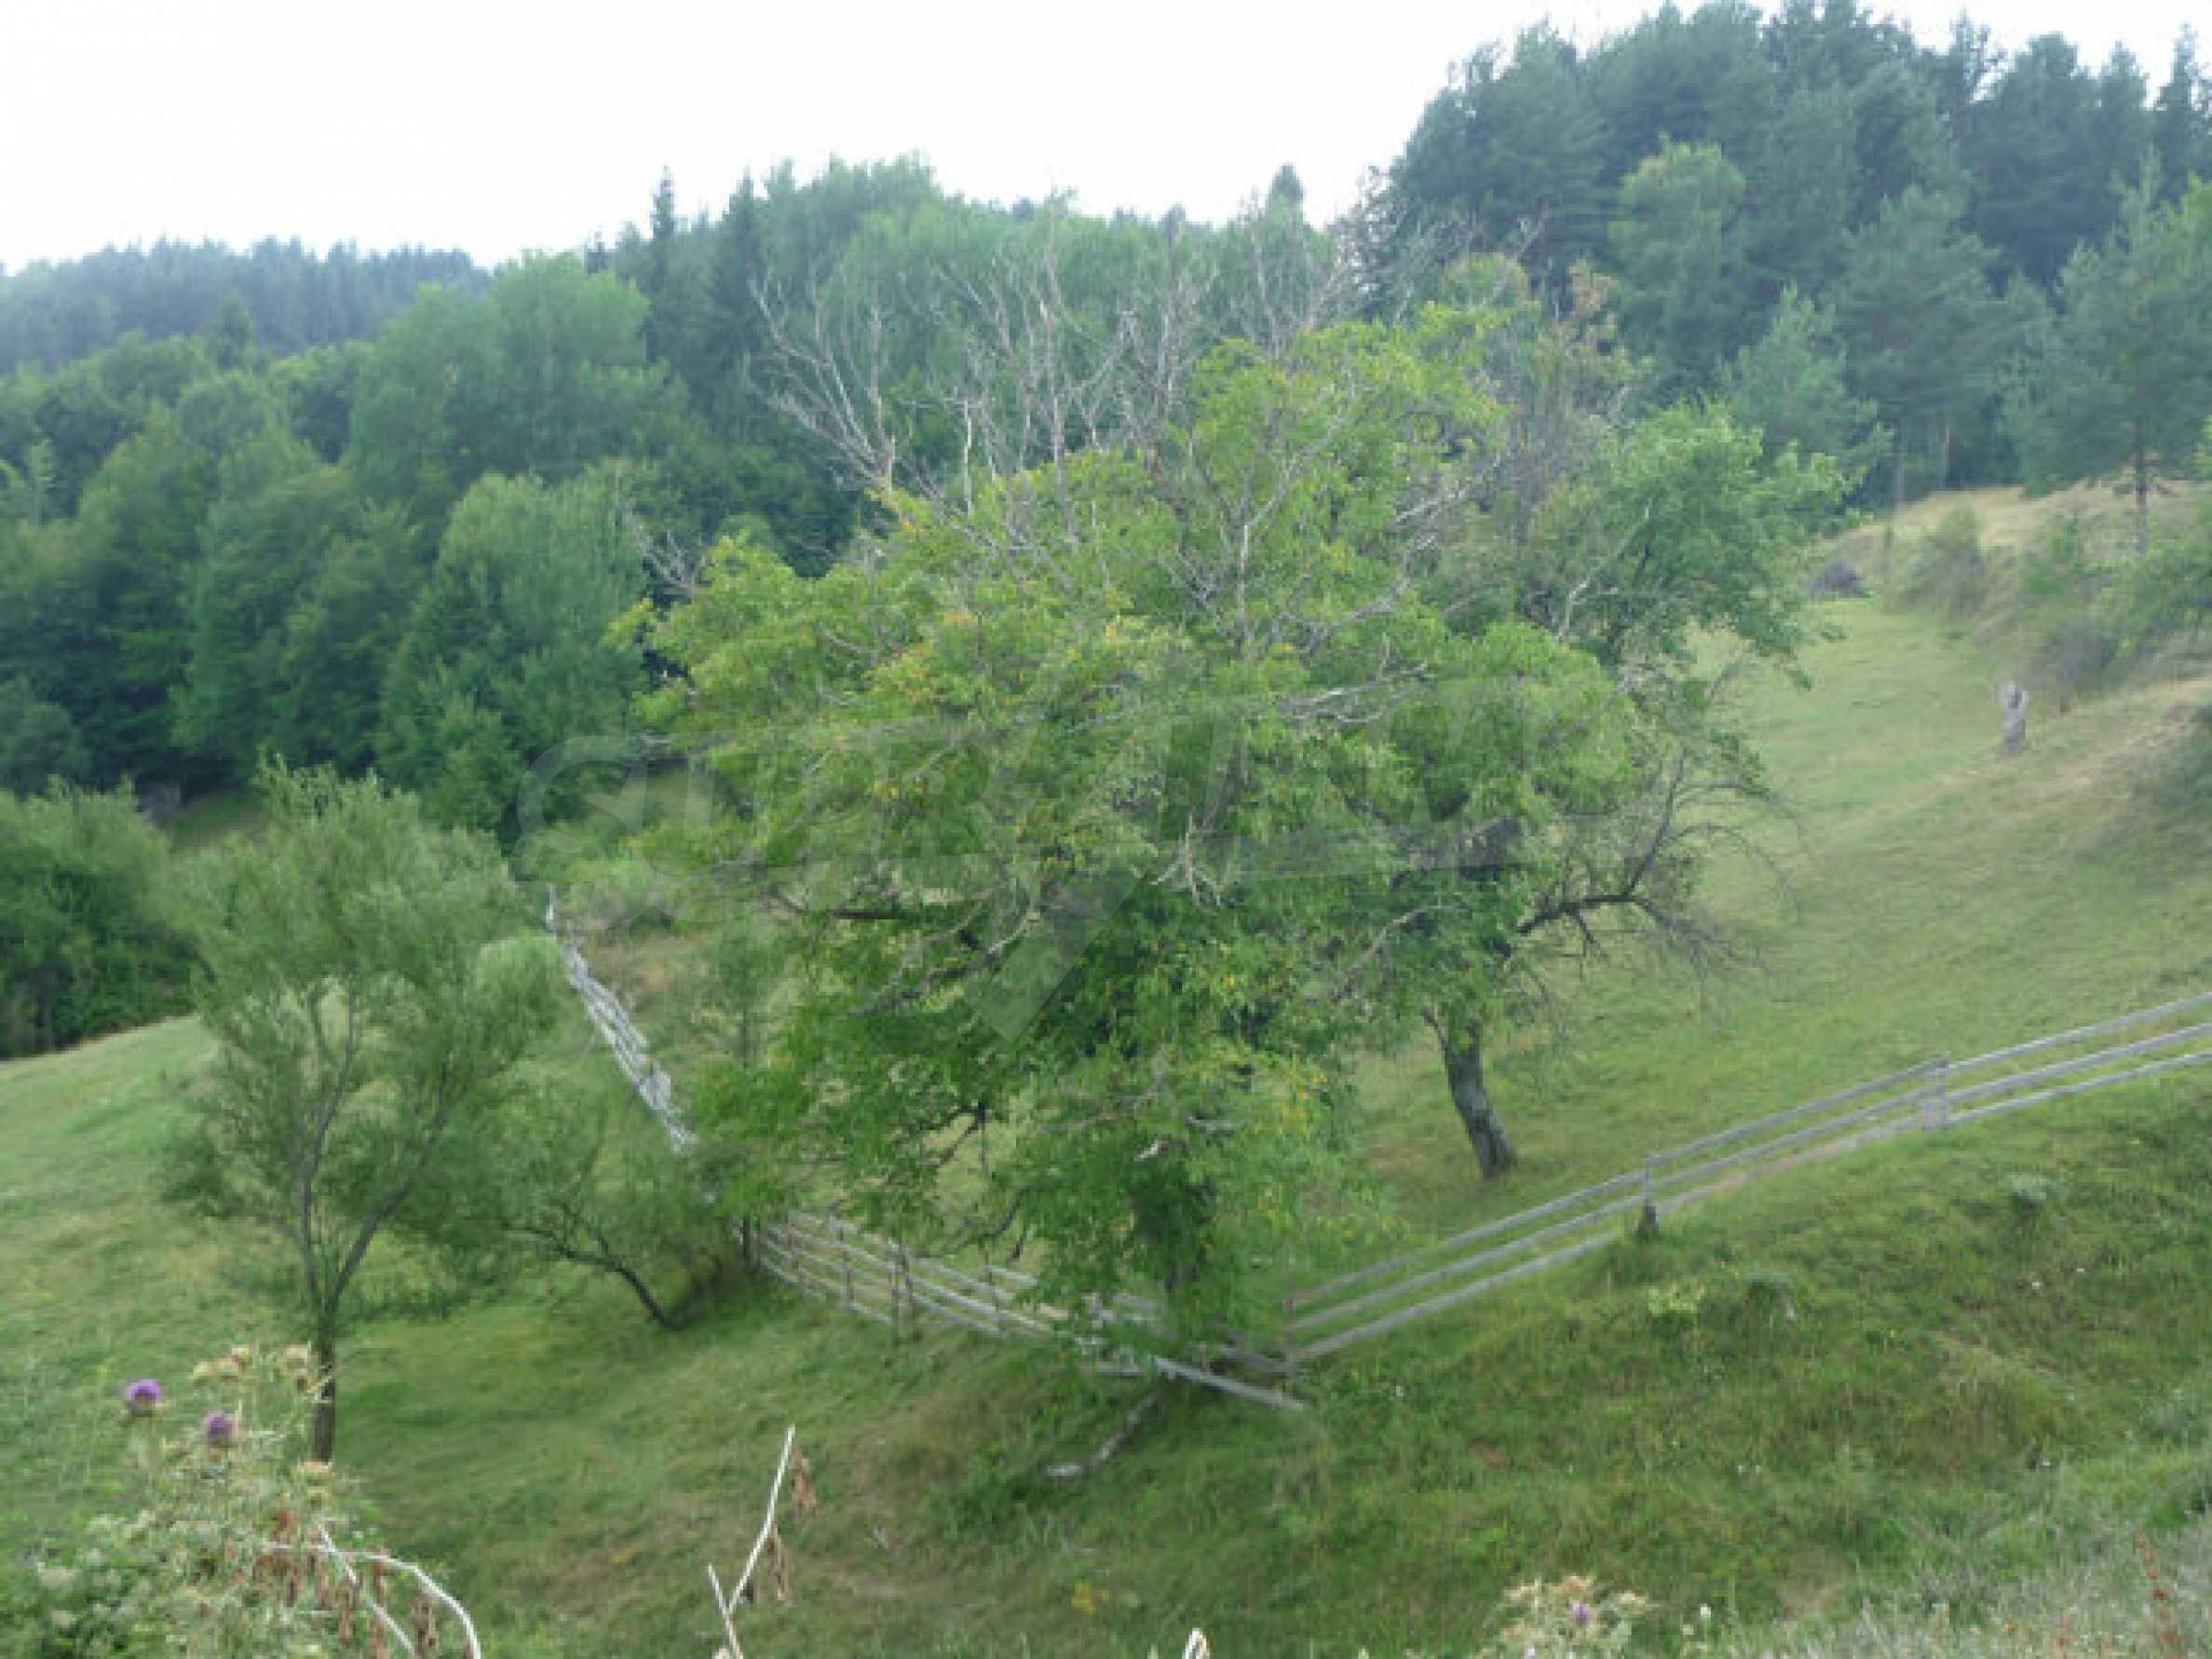 Großes reguliertes Baugrundstück 15 km vom Kurort Smolyan entfernt 1